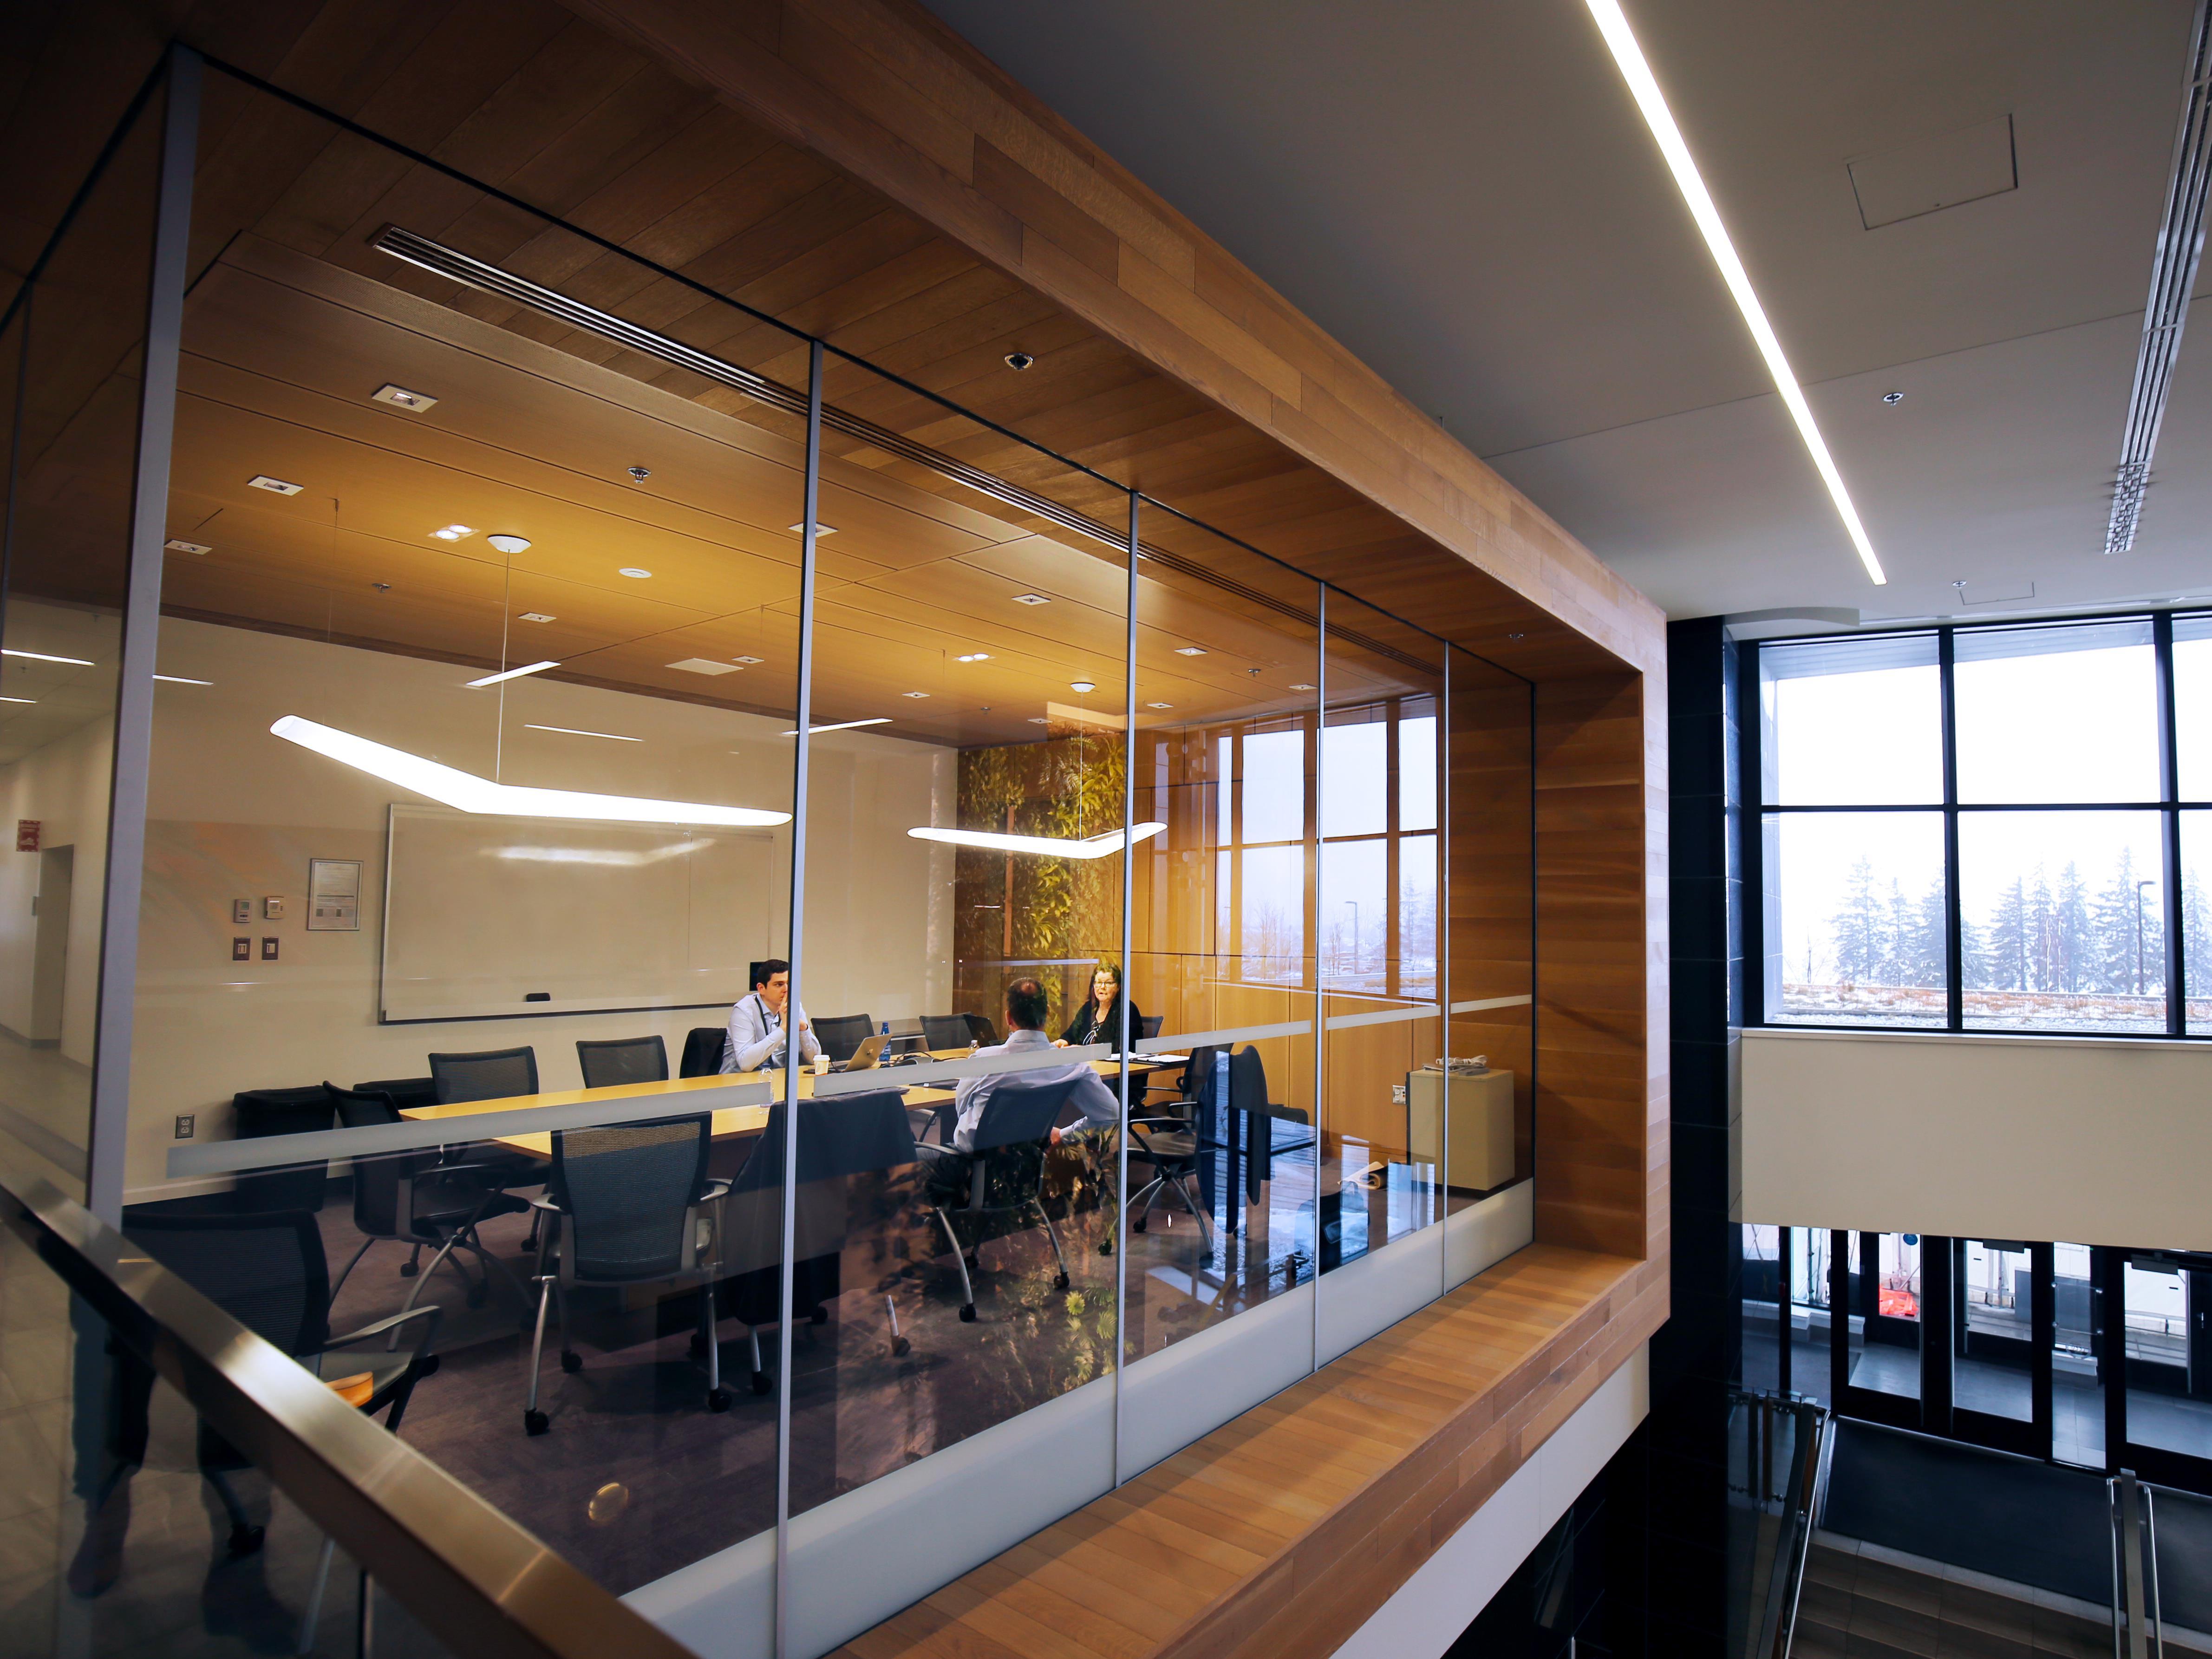 Une salle de réunion vitrée de l'édifice